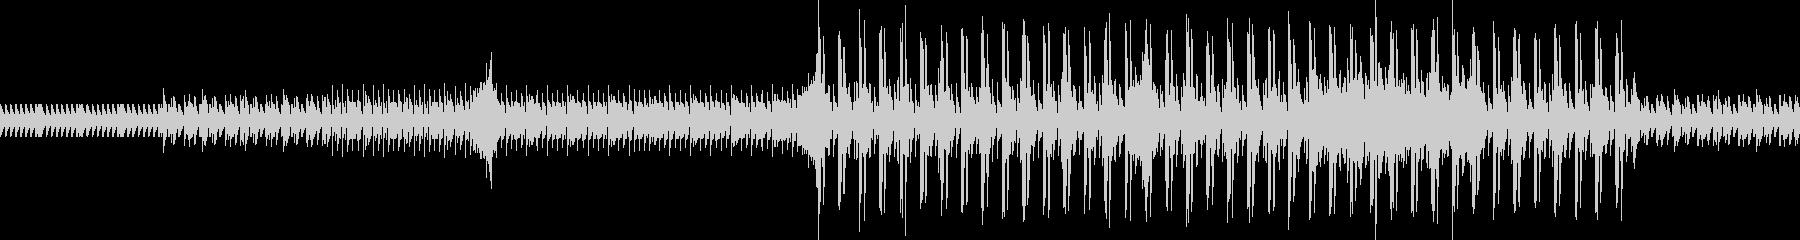 ループできるハイテンポの楽曲の未再生の波形